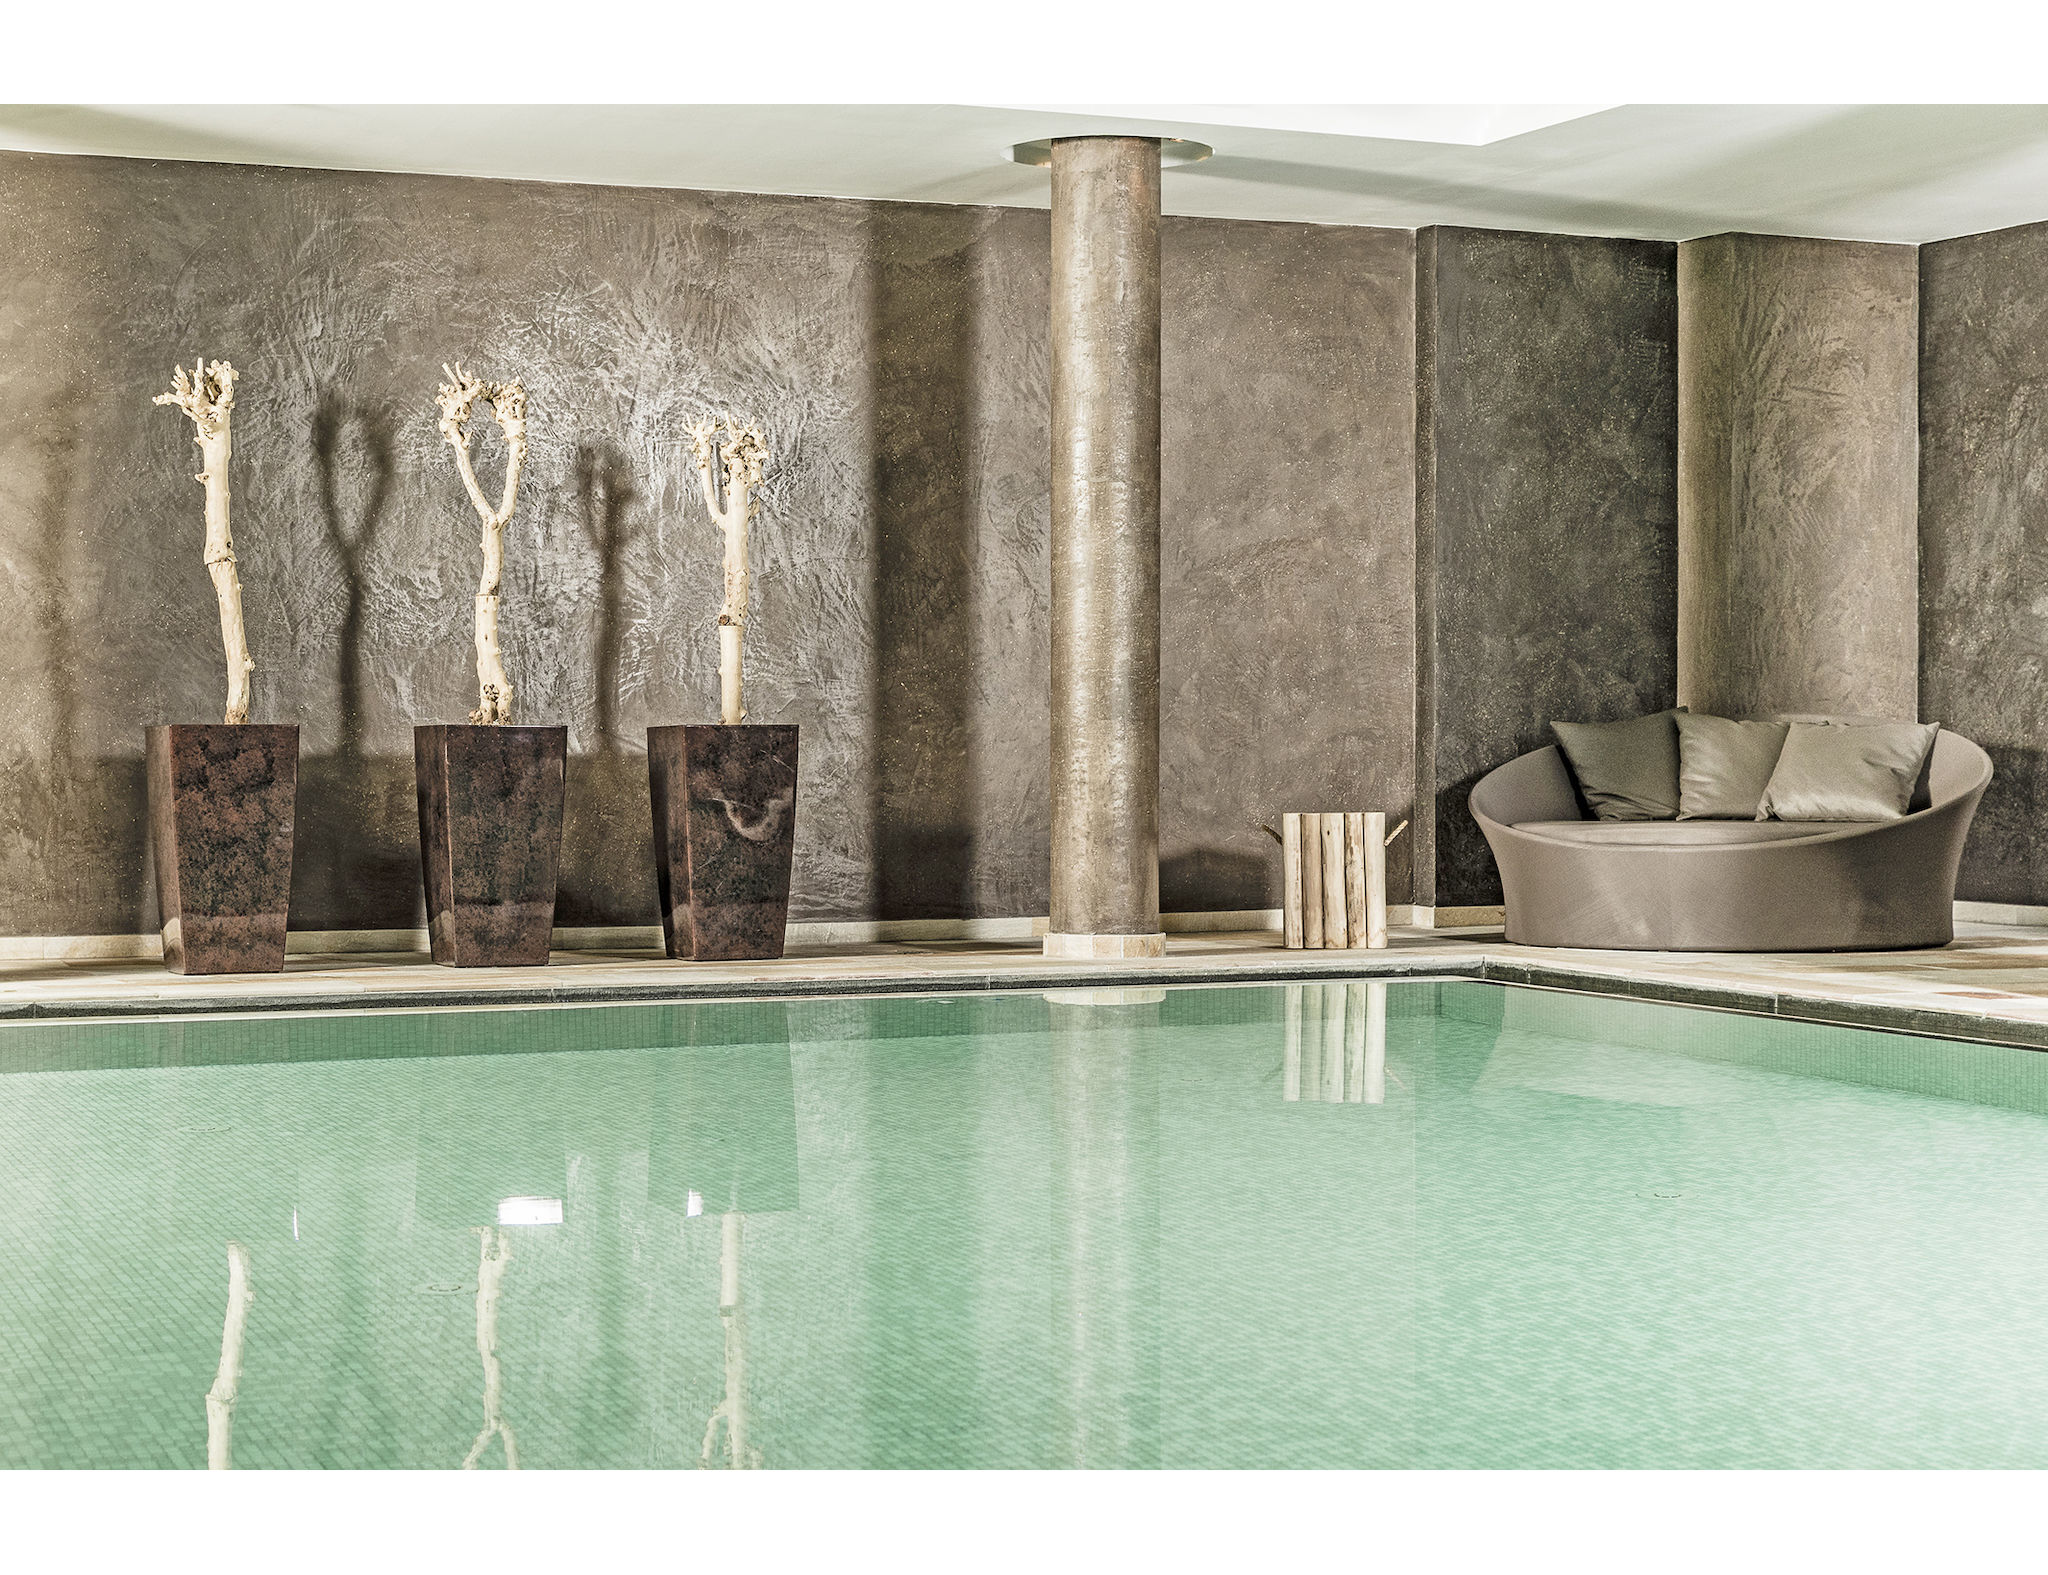 La piscina dell'hotel Josef Mountain Resort